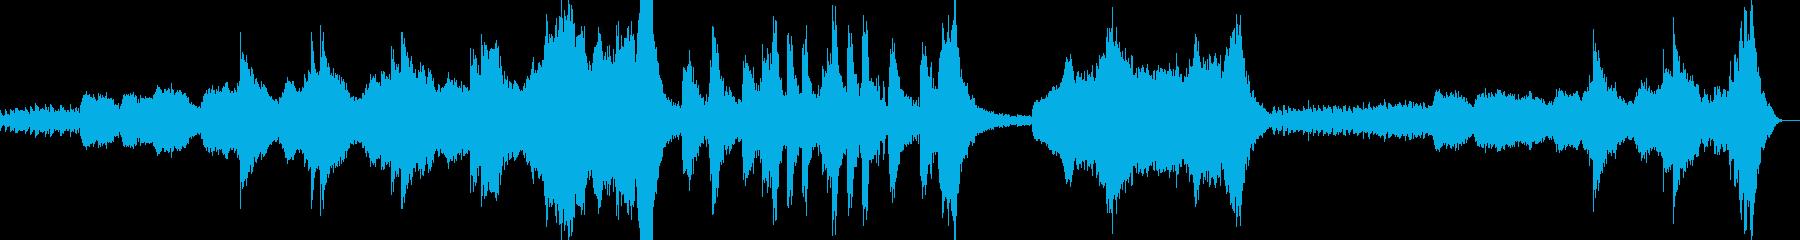 プロローグ系、うまくハマれば映えるかもの再生済みの波形